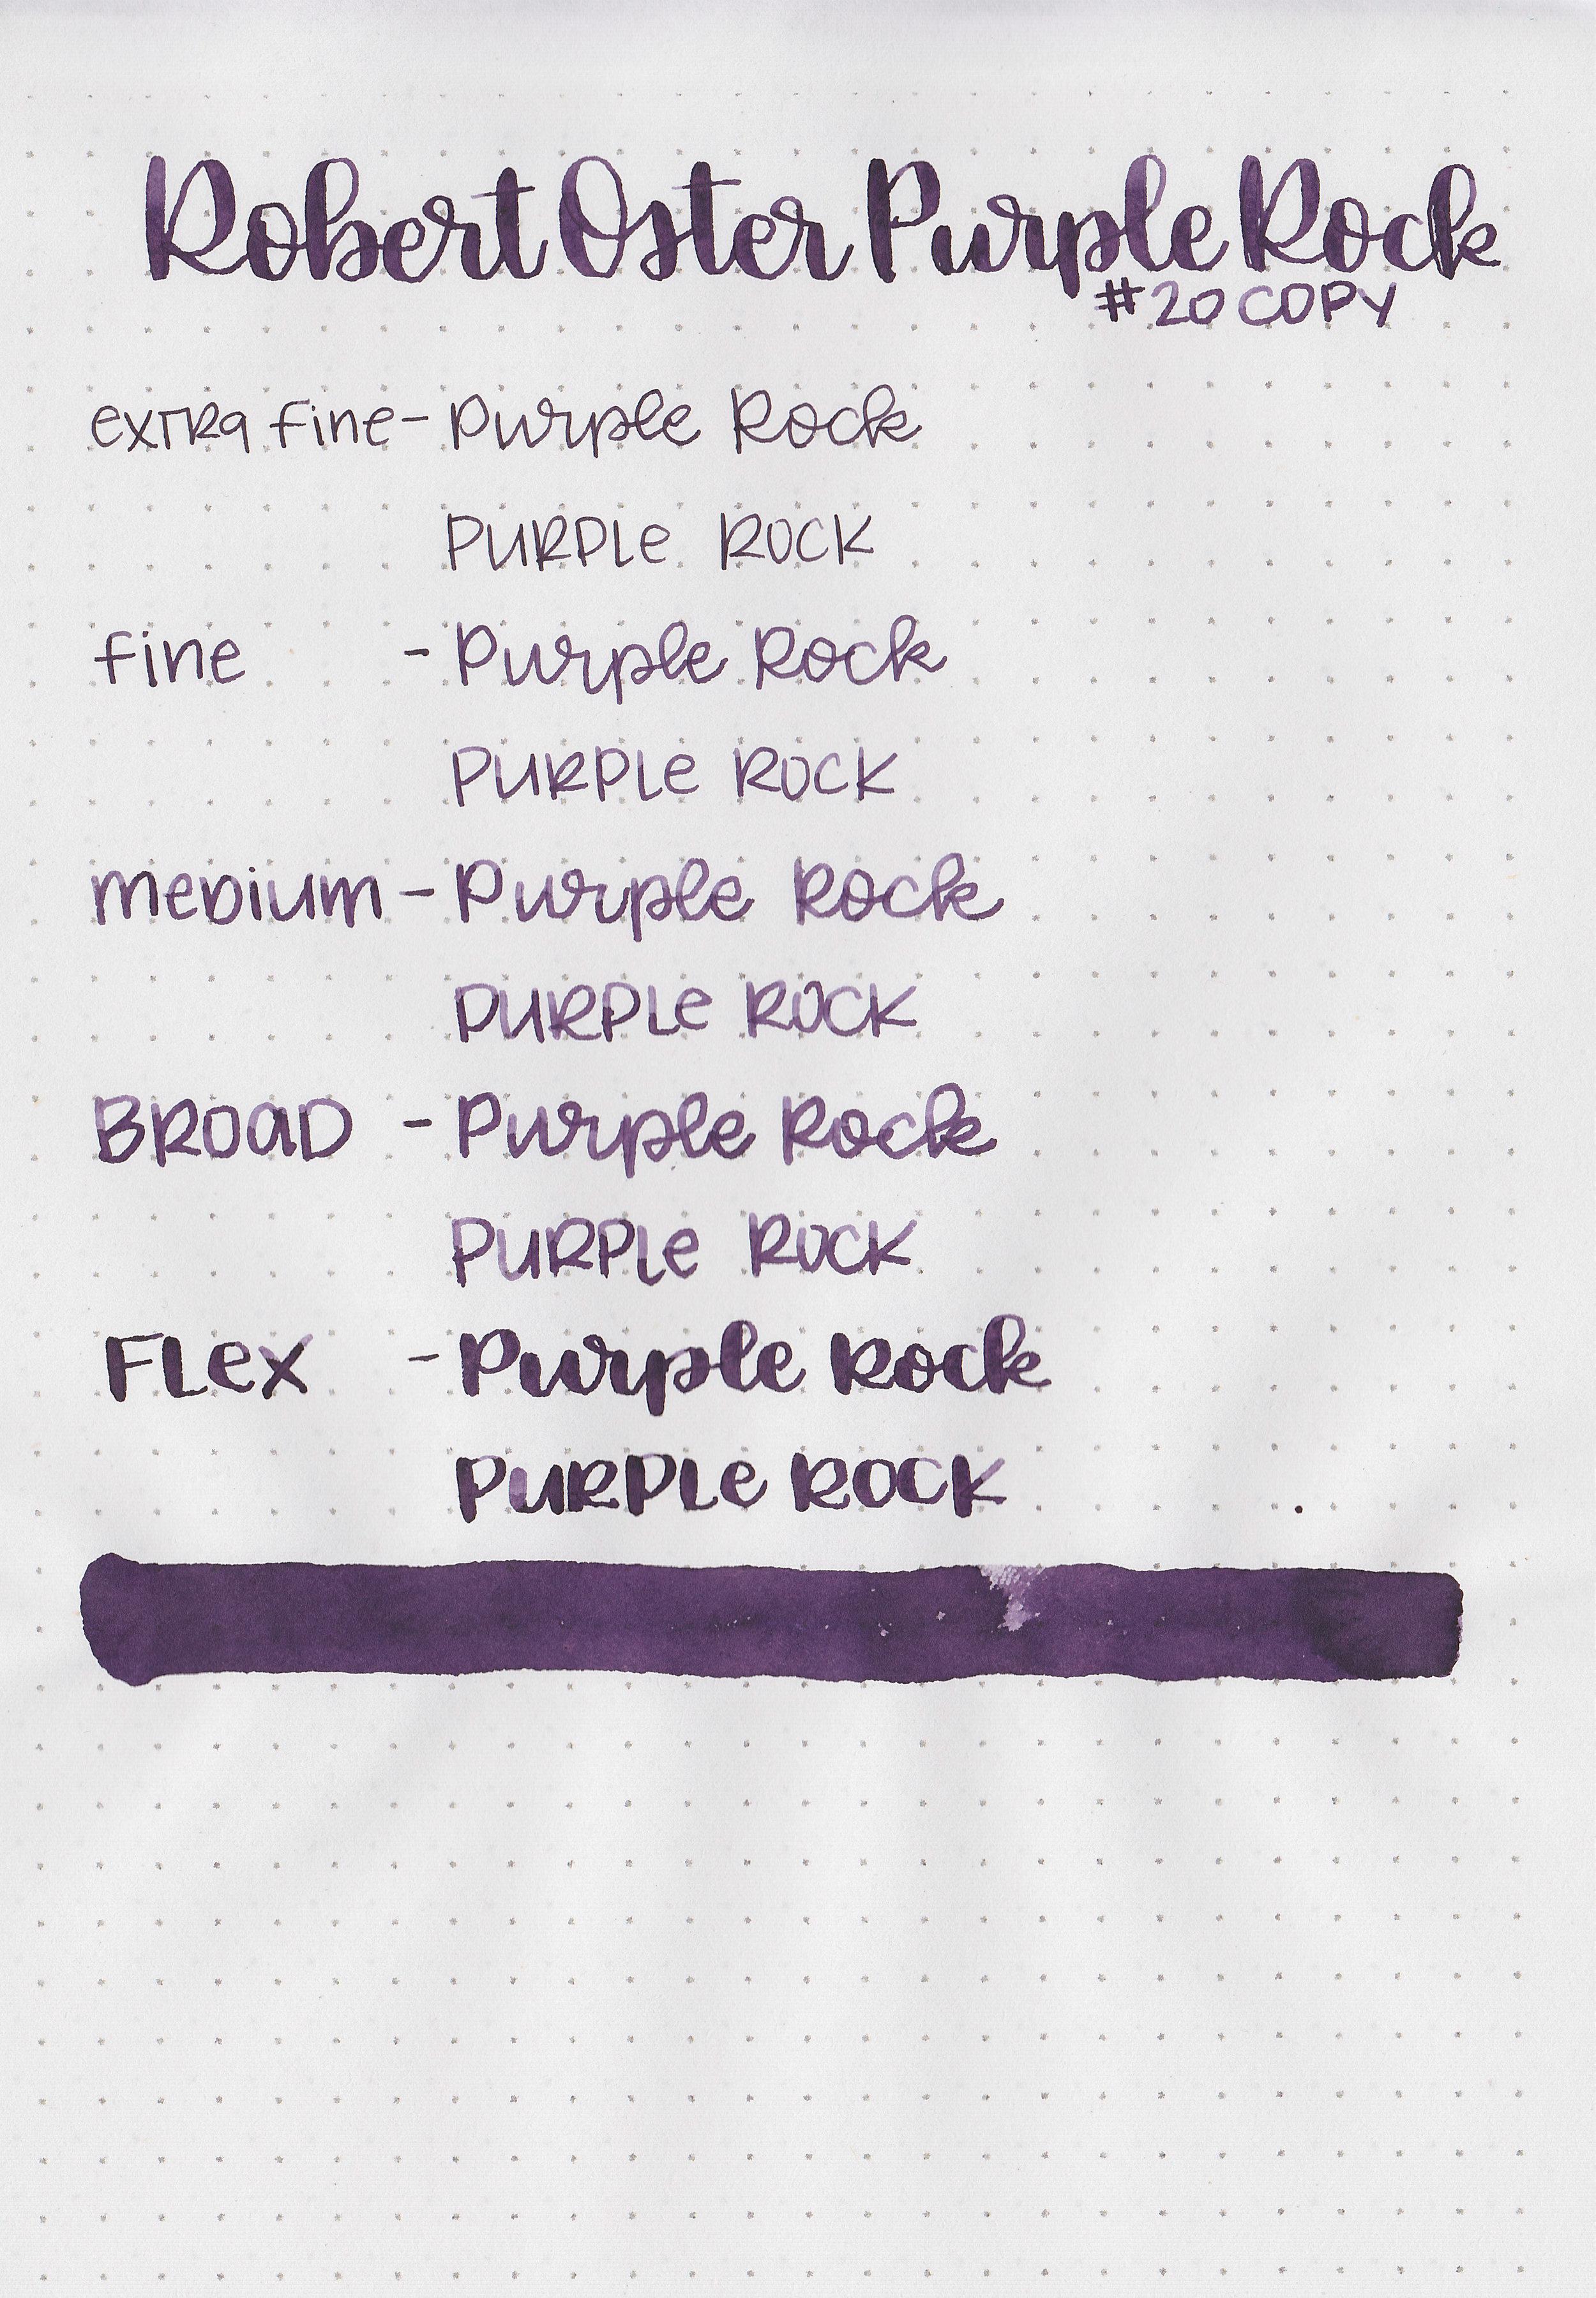 ro-purple-rock-11.jpg